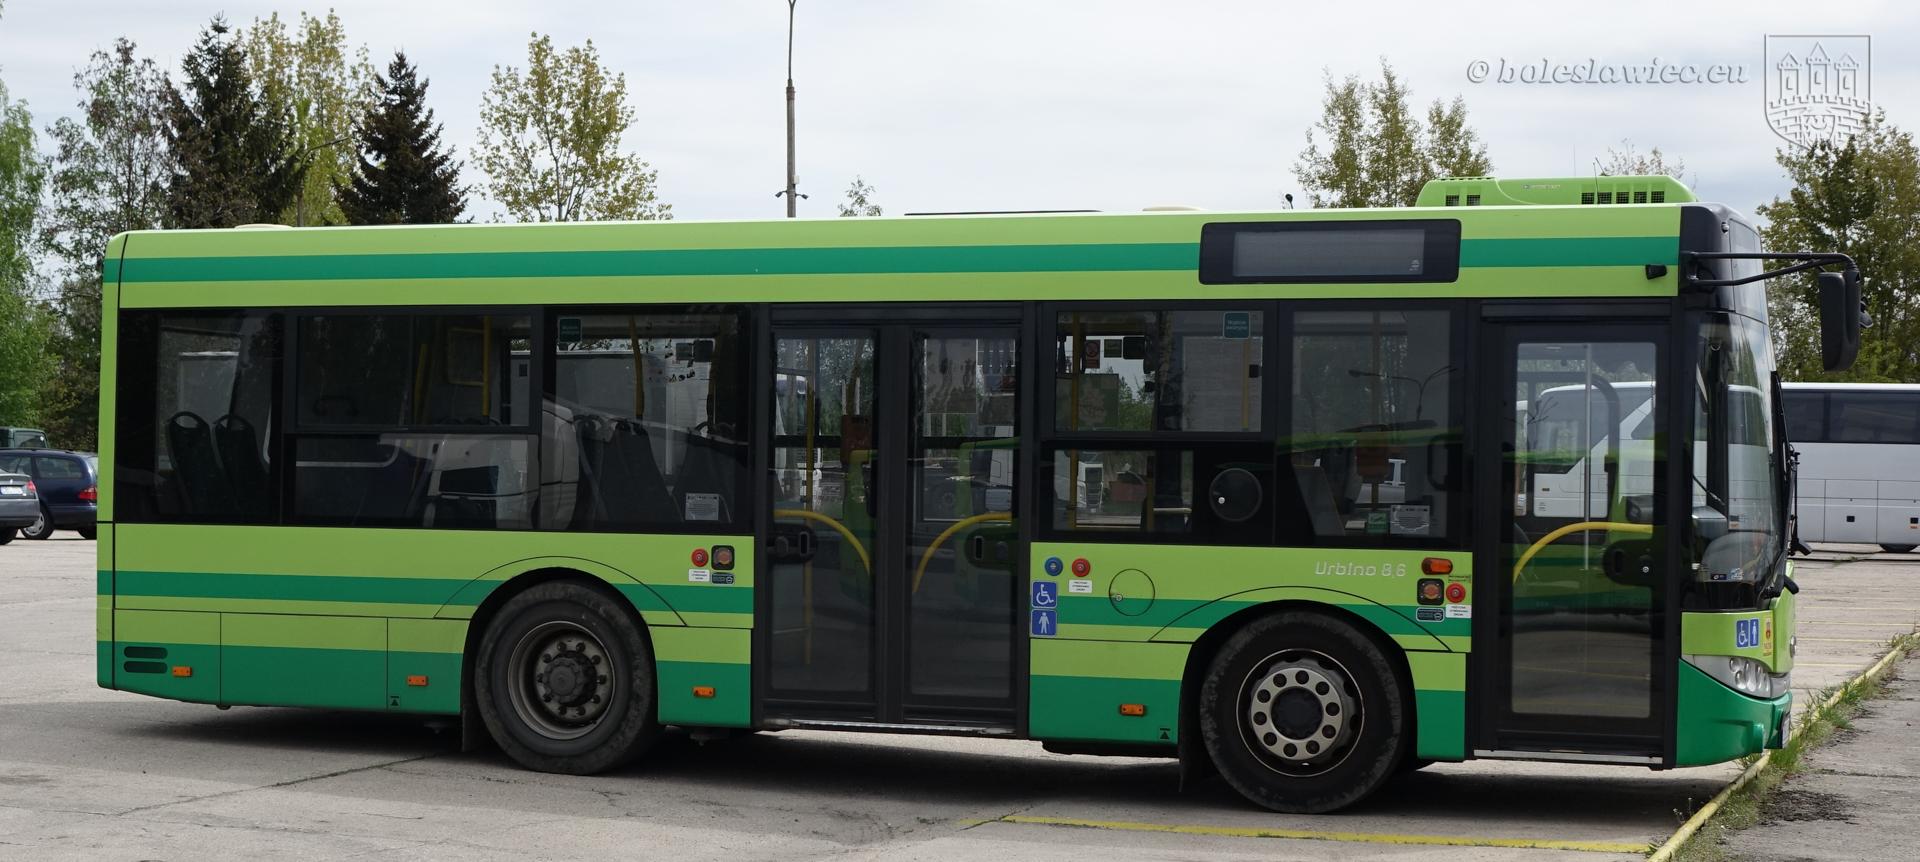 Autobusem MZK po godz. 22.00